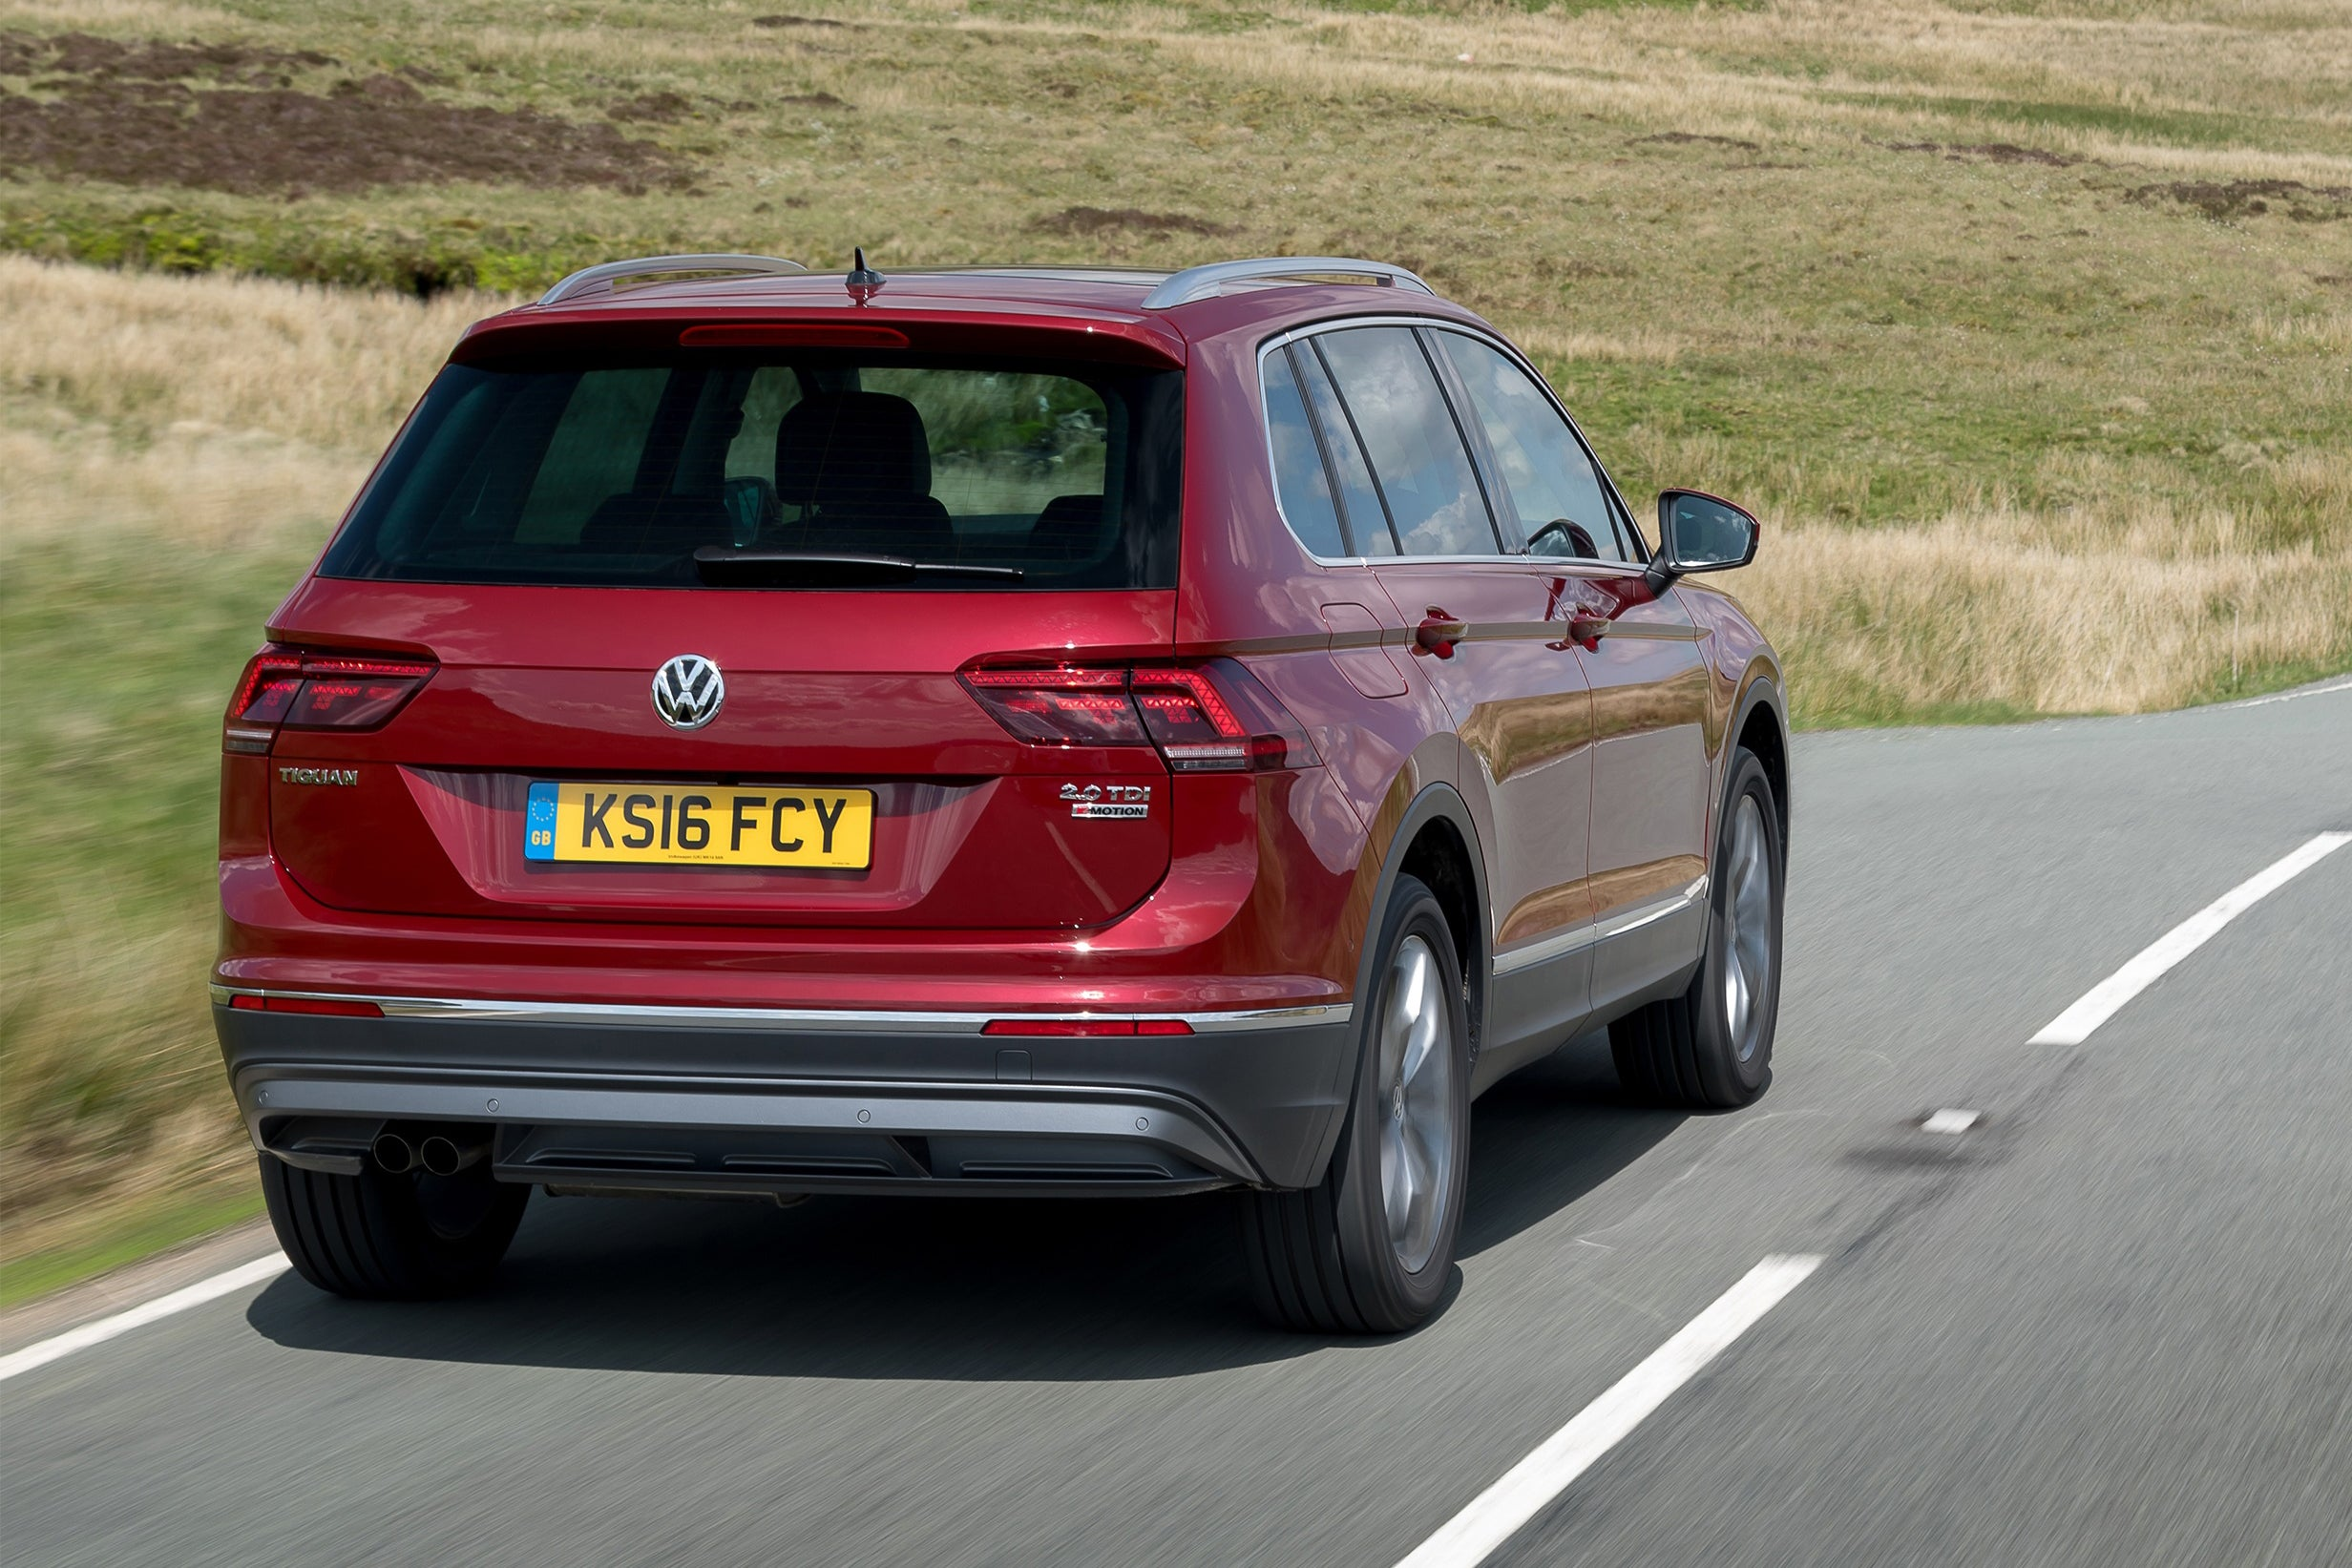 Volkswagen Tiguan Rear View